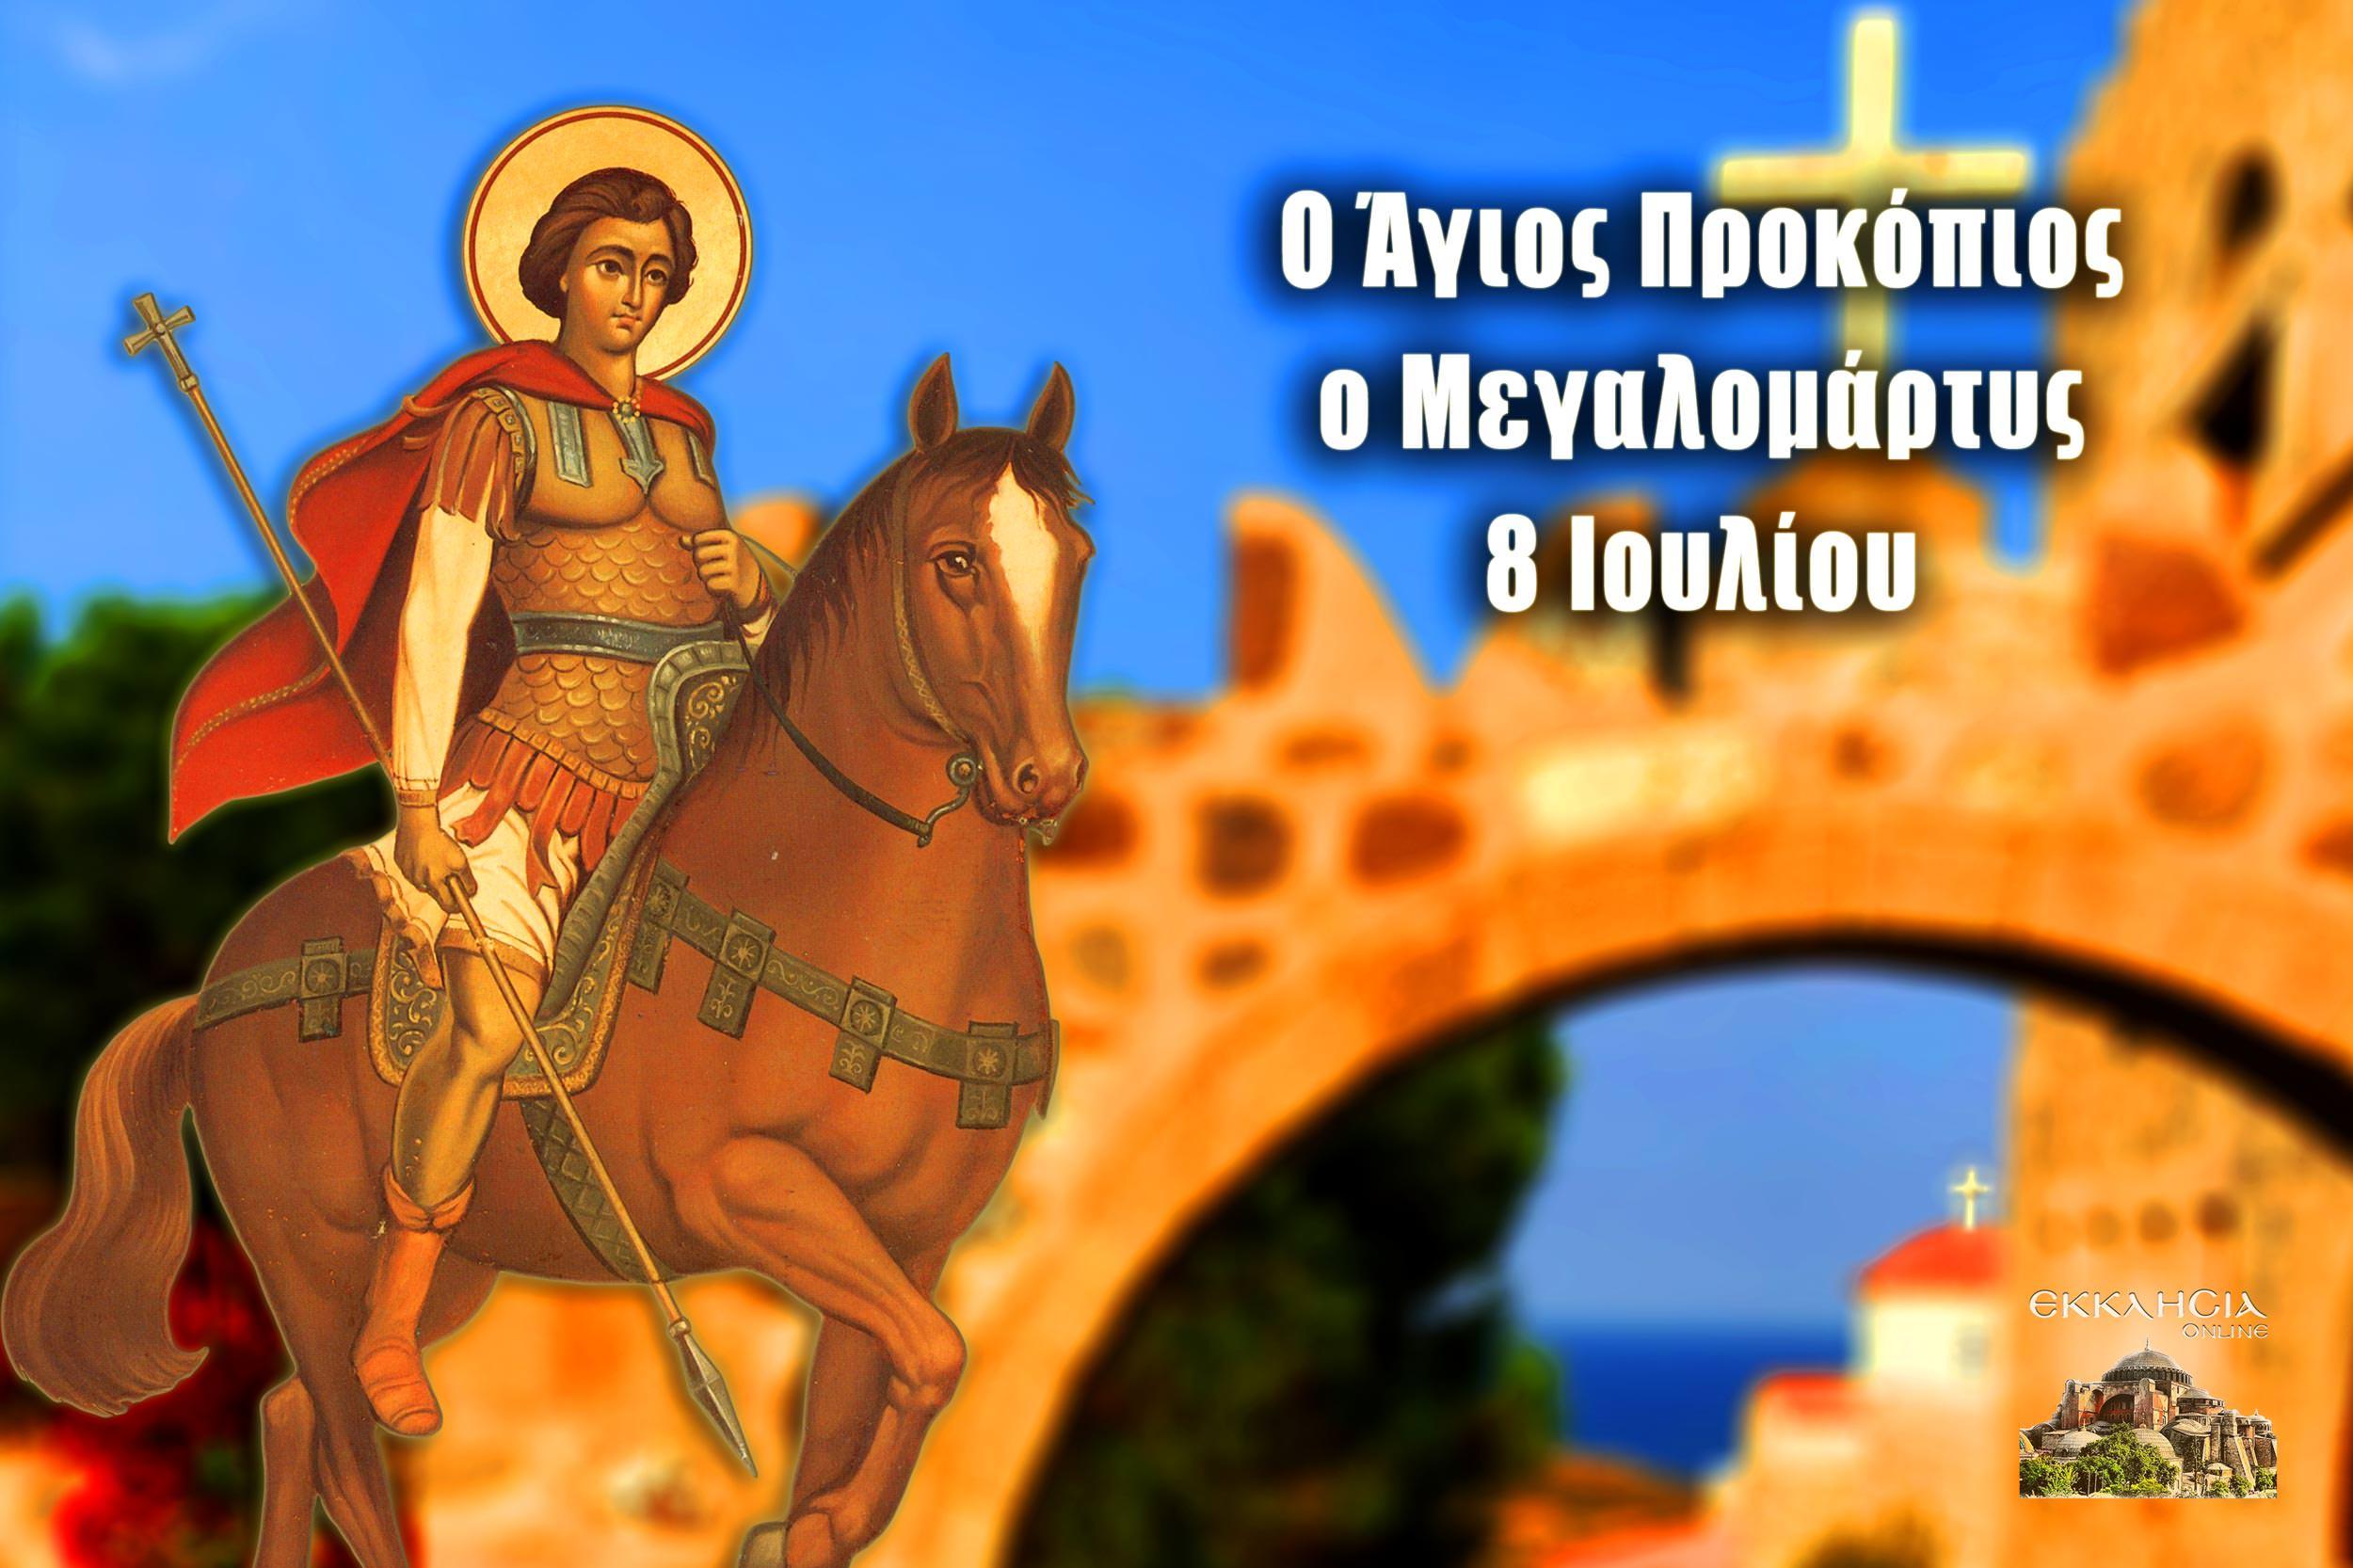 Άγιος Προκόπιος ο Μεγαλομάρτυς 8 Ιουλίου